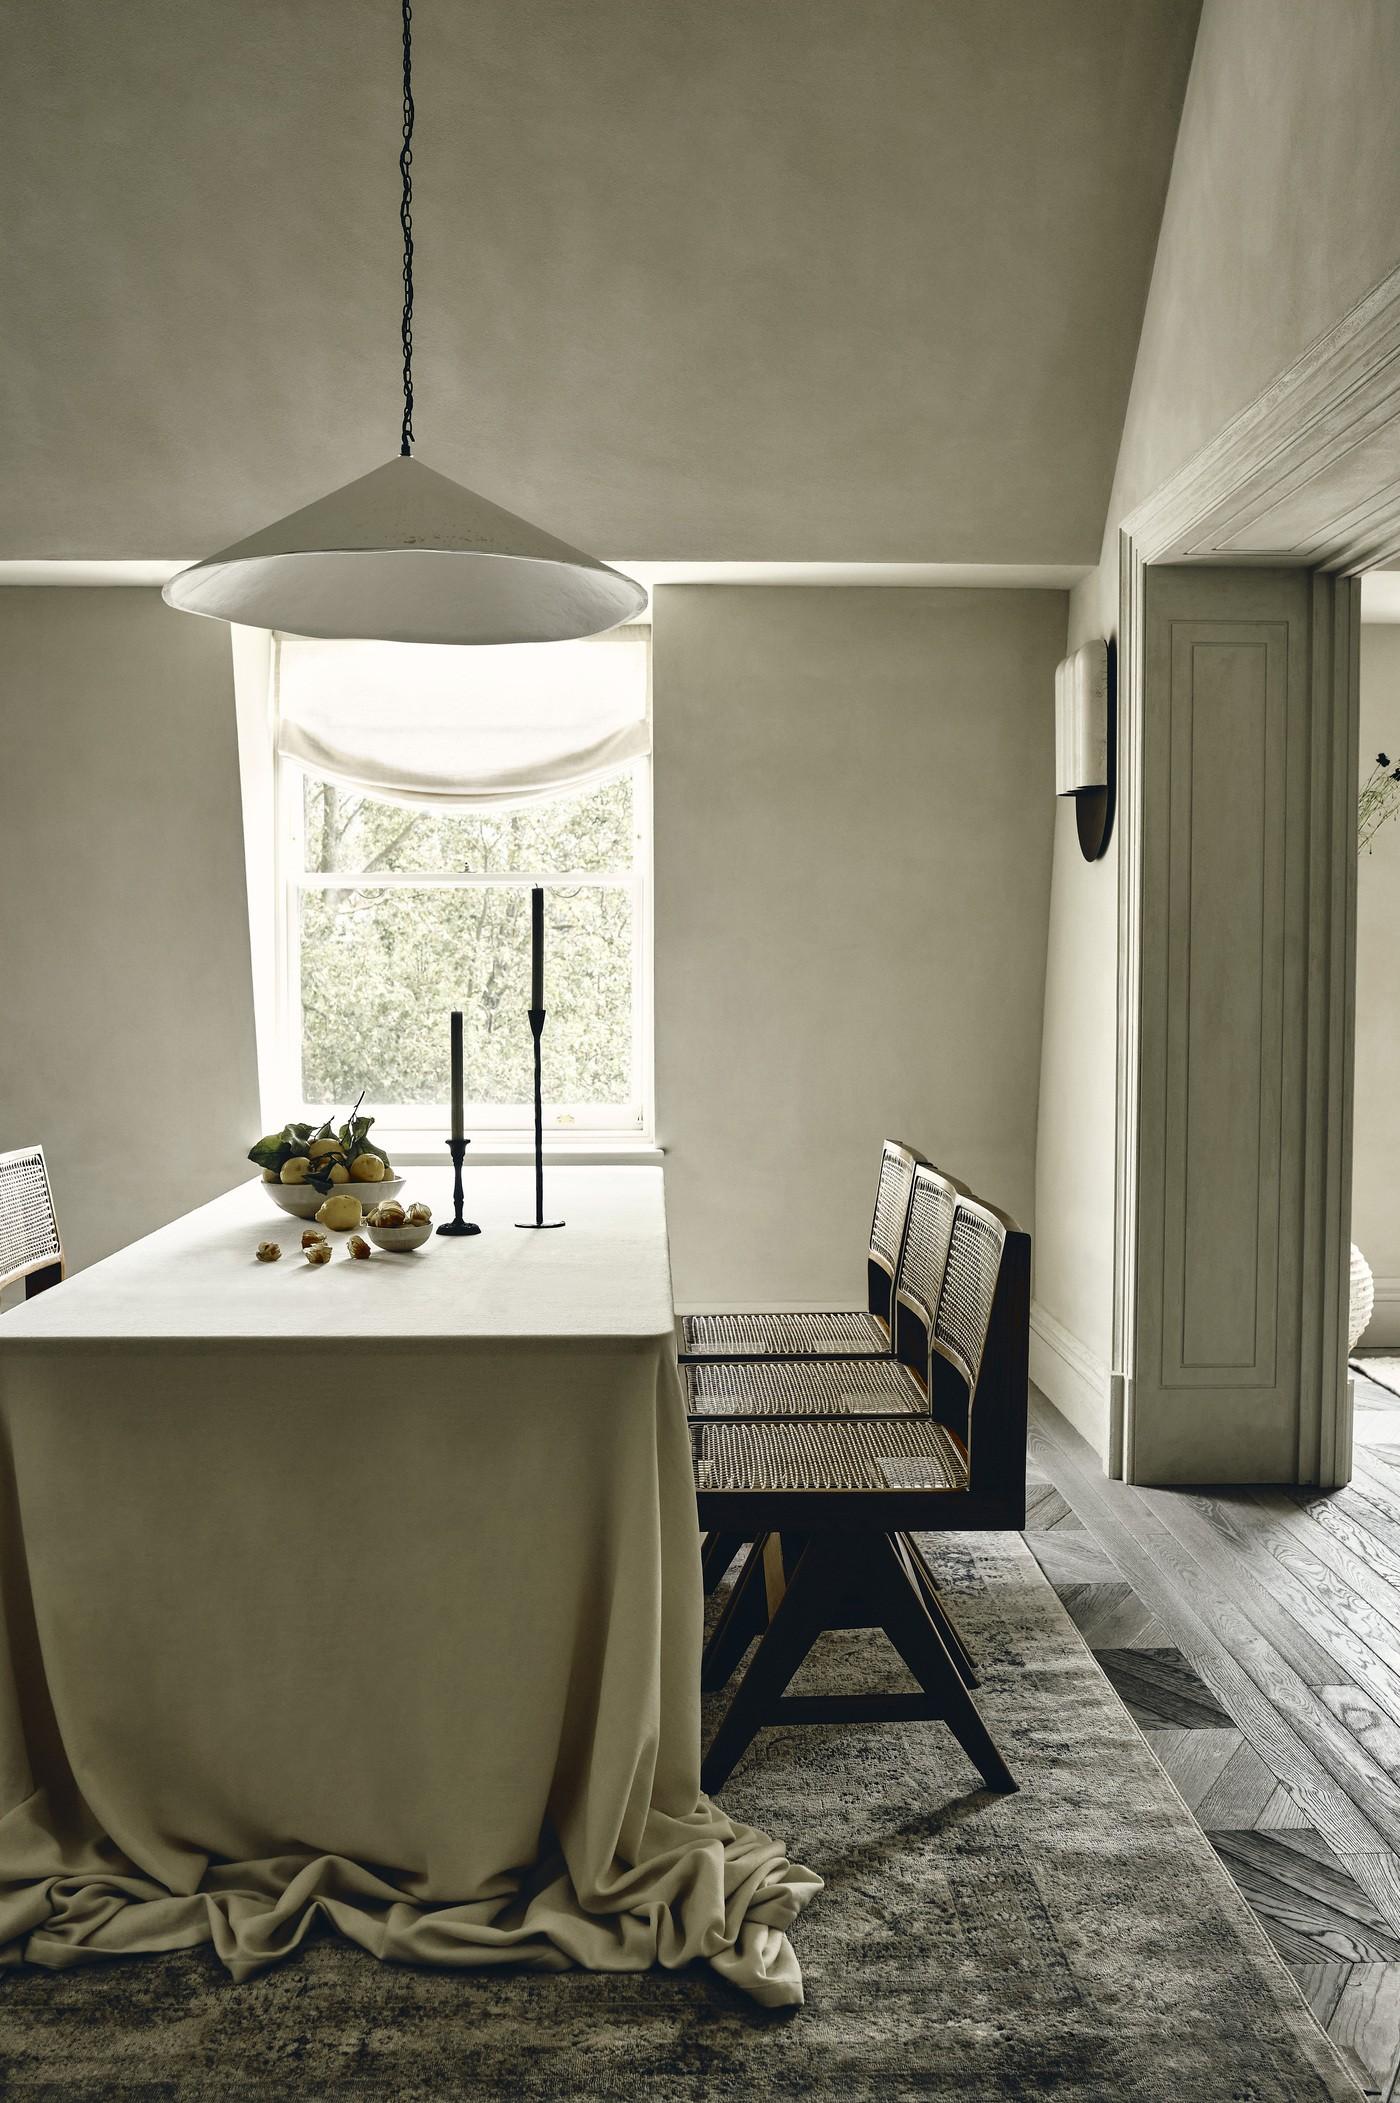 Décor do dia: cozinha aberta para a sala de jantar tem mármore e ilha central (Foto: Ben Anders)